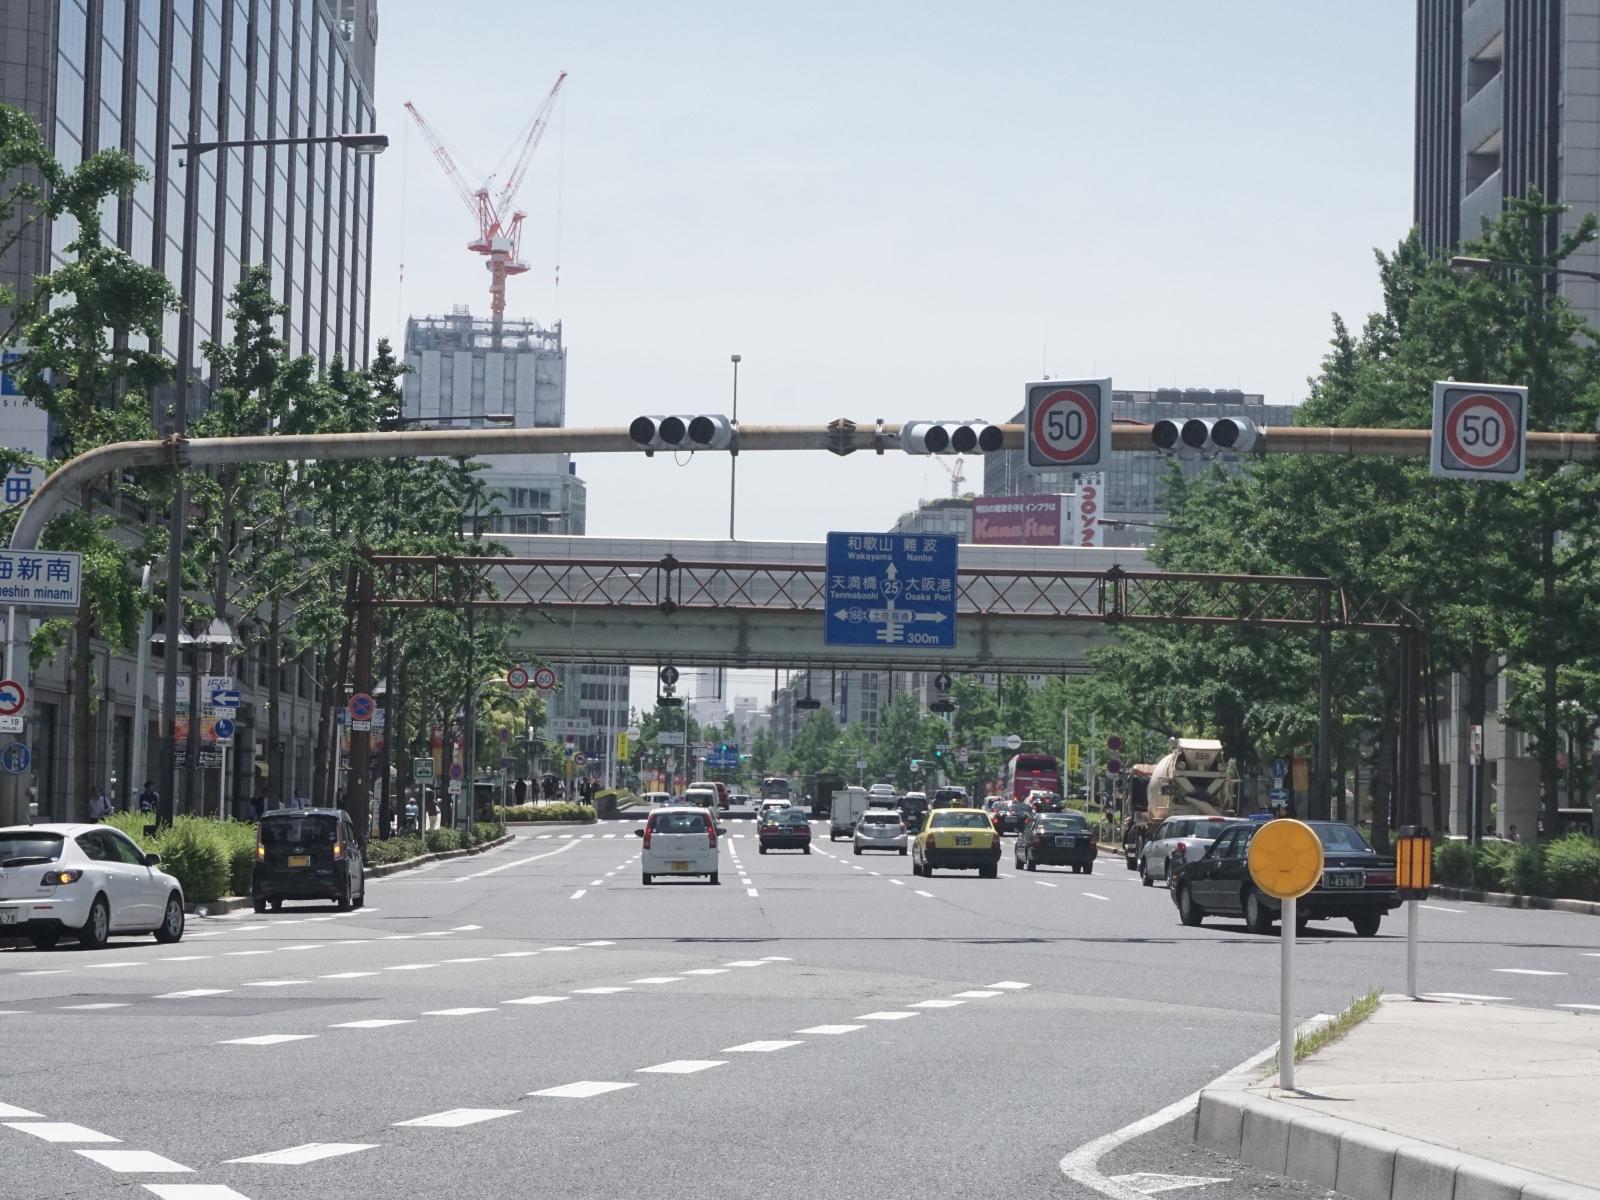 【疑問】大阪にはなぜ「筋」と呼ぶ街路が多いのか・・・のサムネイル画像